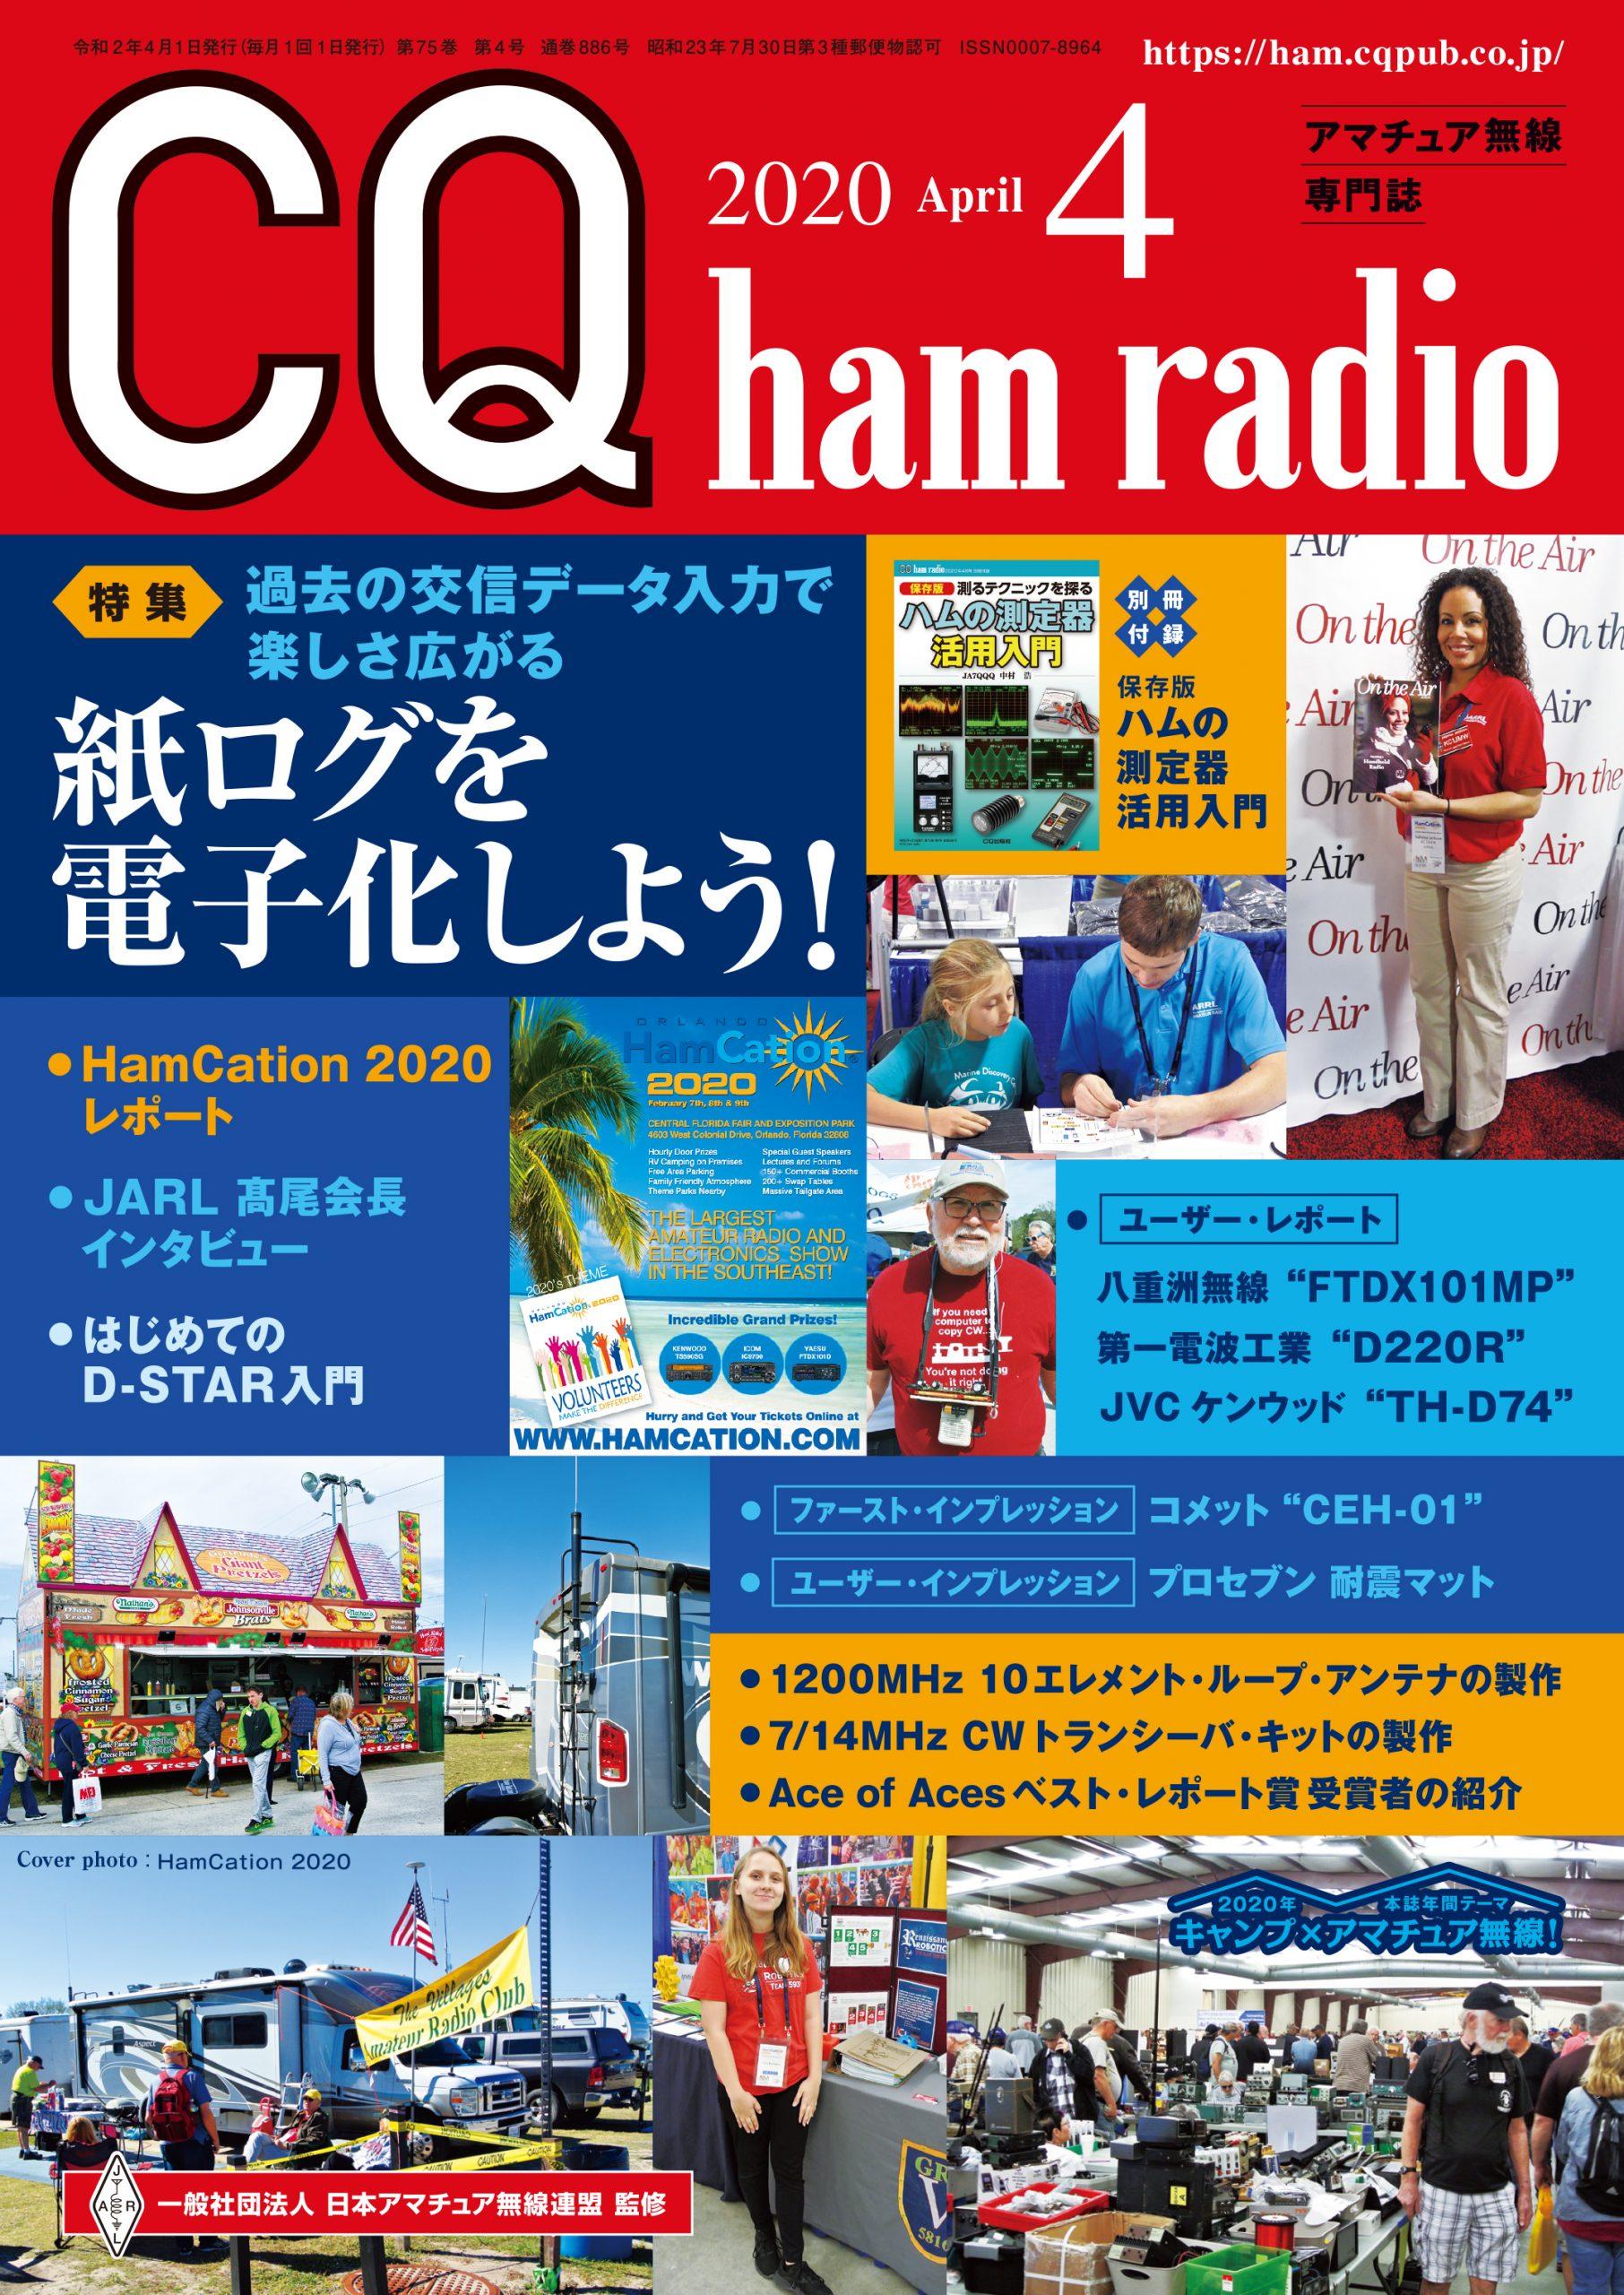 CQ ham radio 2020年4月号